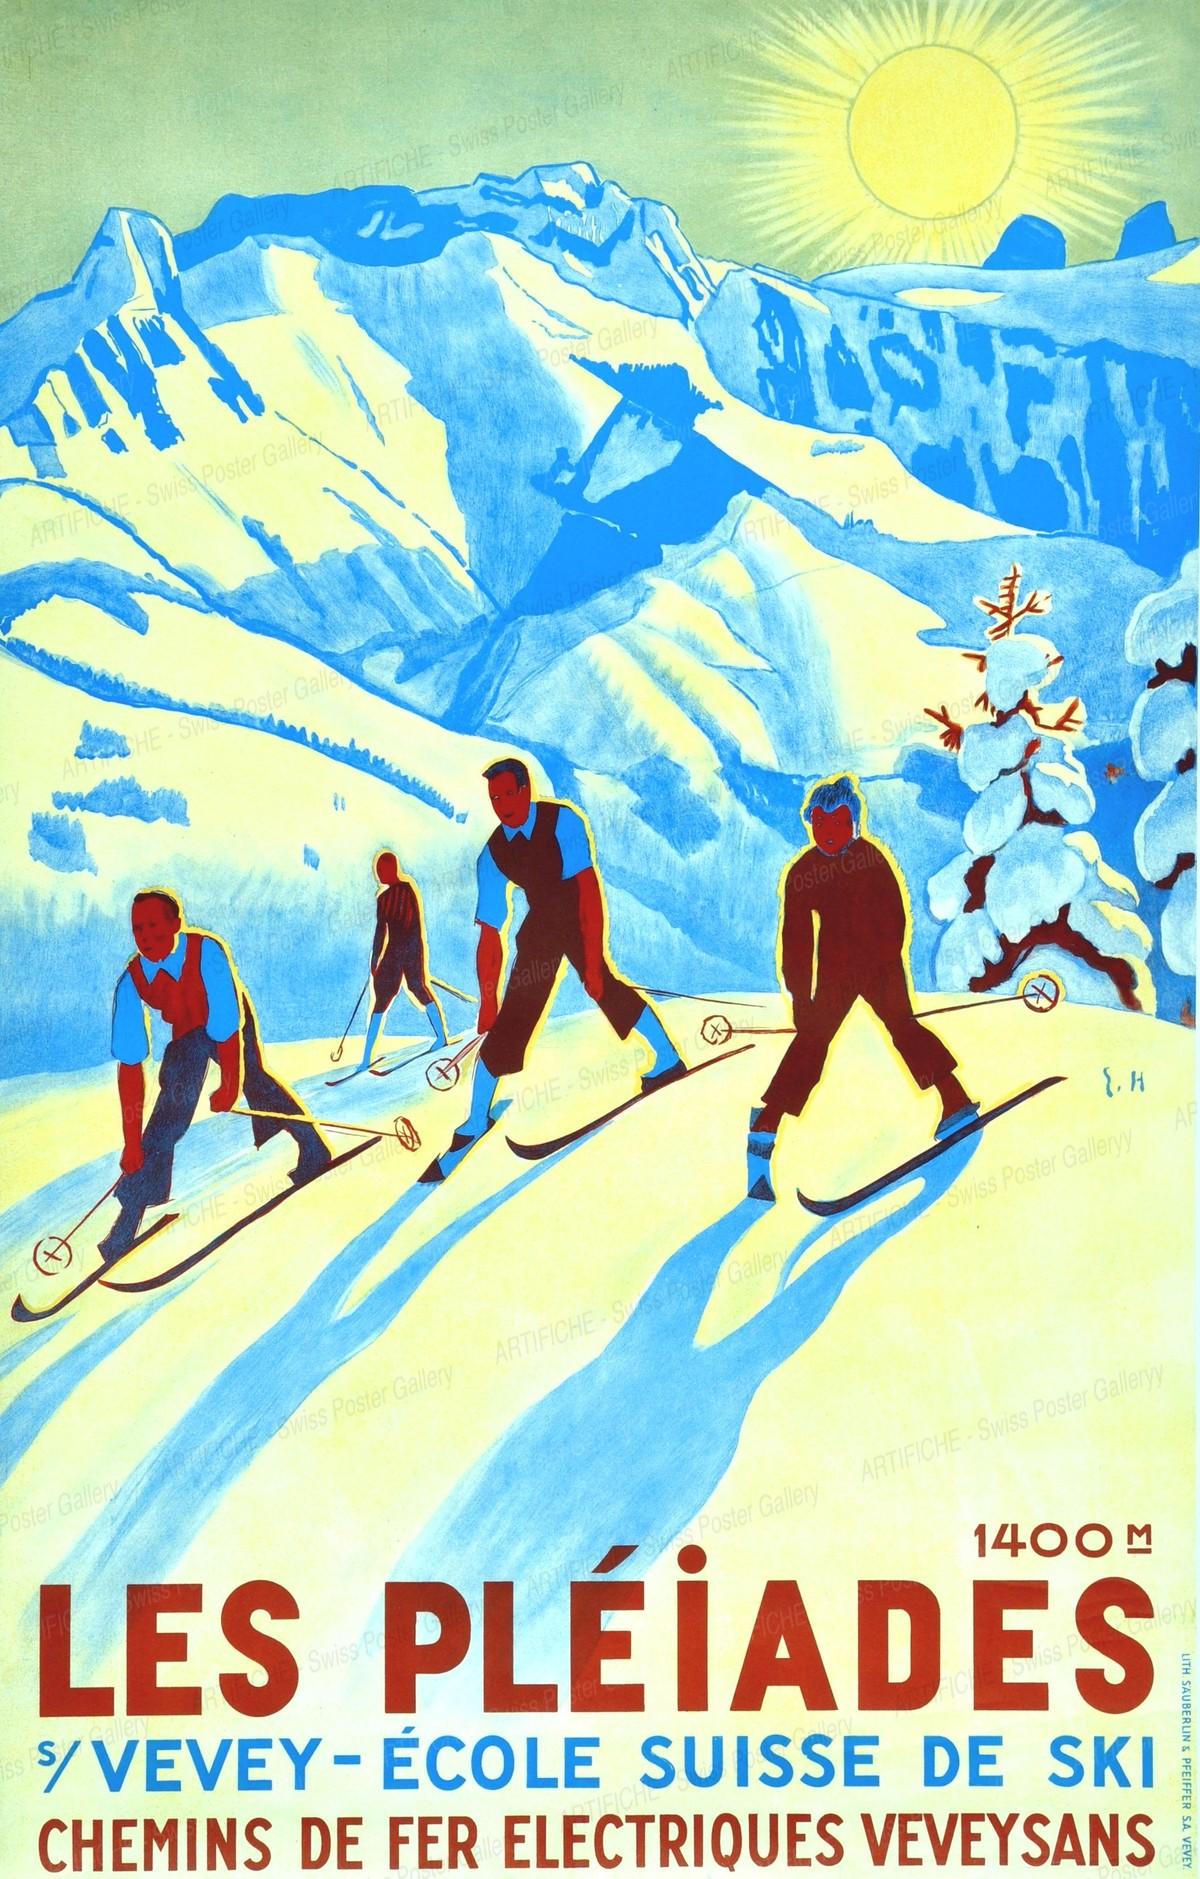 LES PLÉIADES s/Vevey – Ecole Suisse de Ski – Chemins de fer électriques Veveysans, Eric Hermès